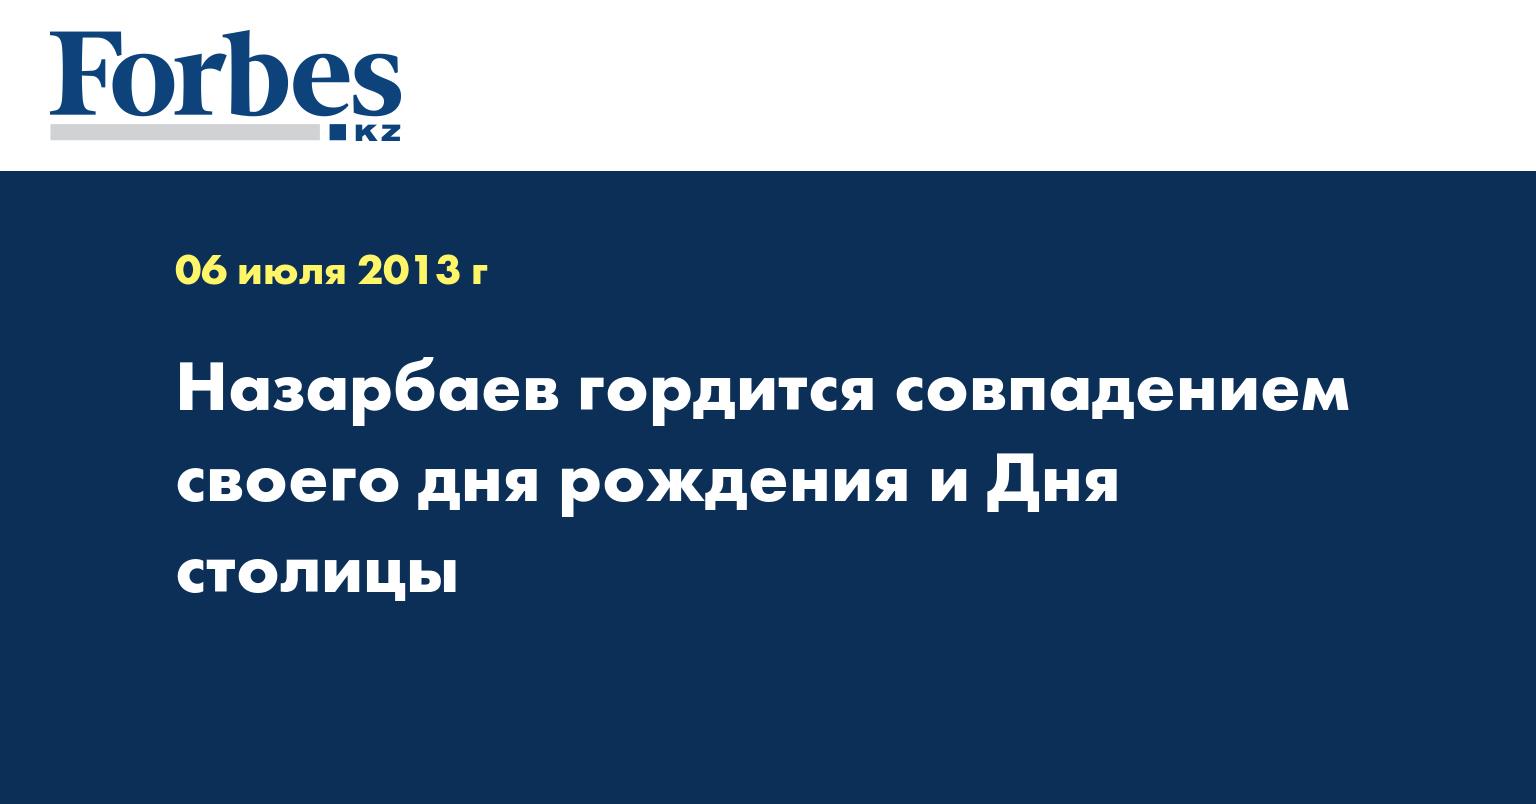 Назарбаев гордится совпадением своего дня рождения и Дня столицы